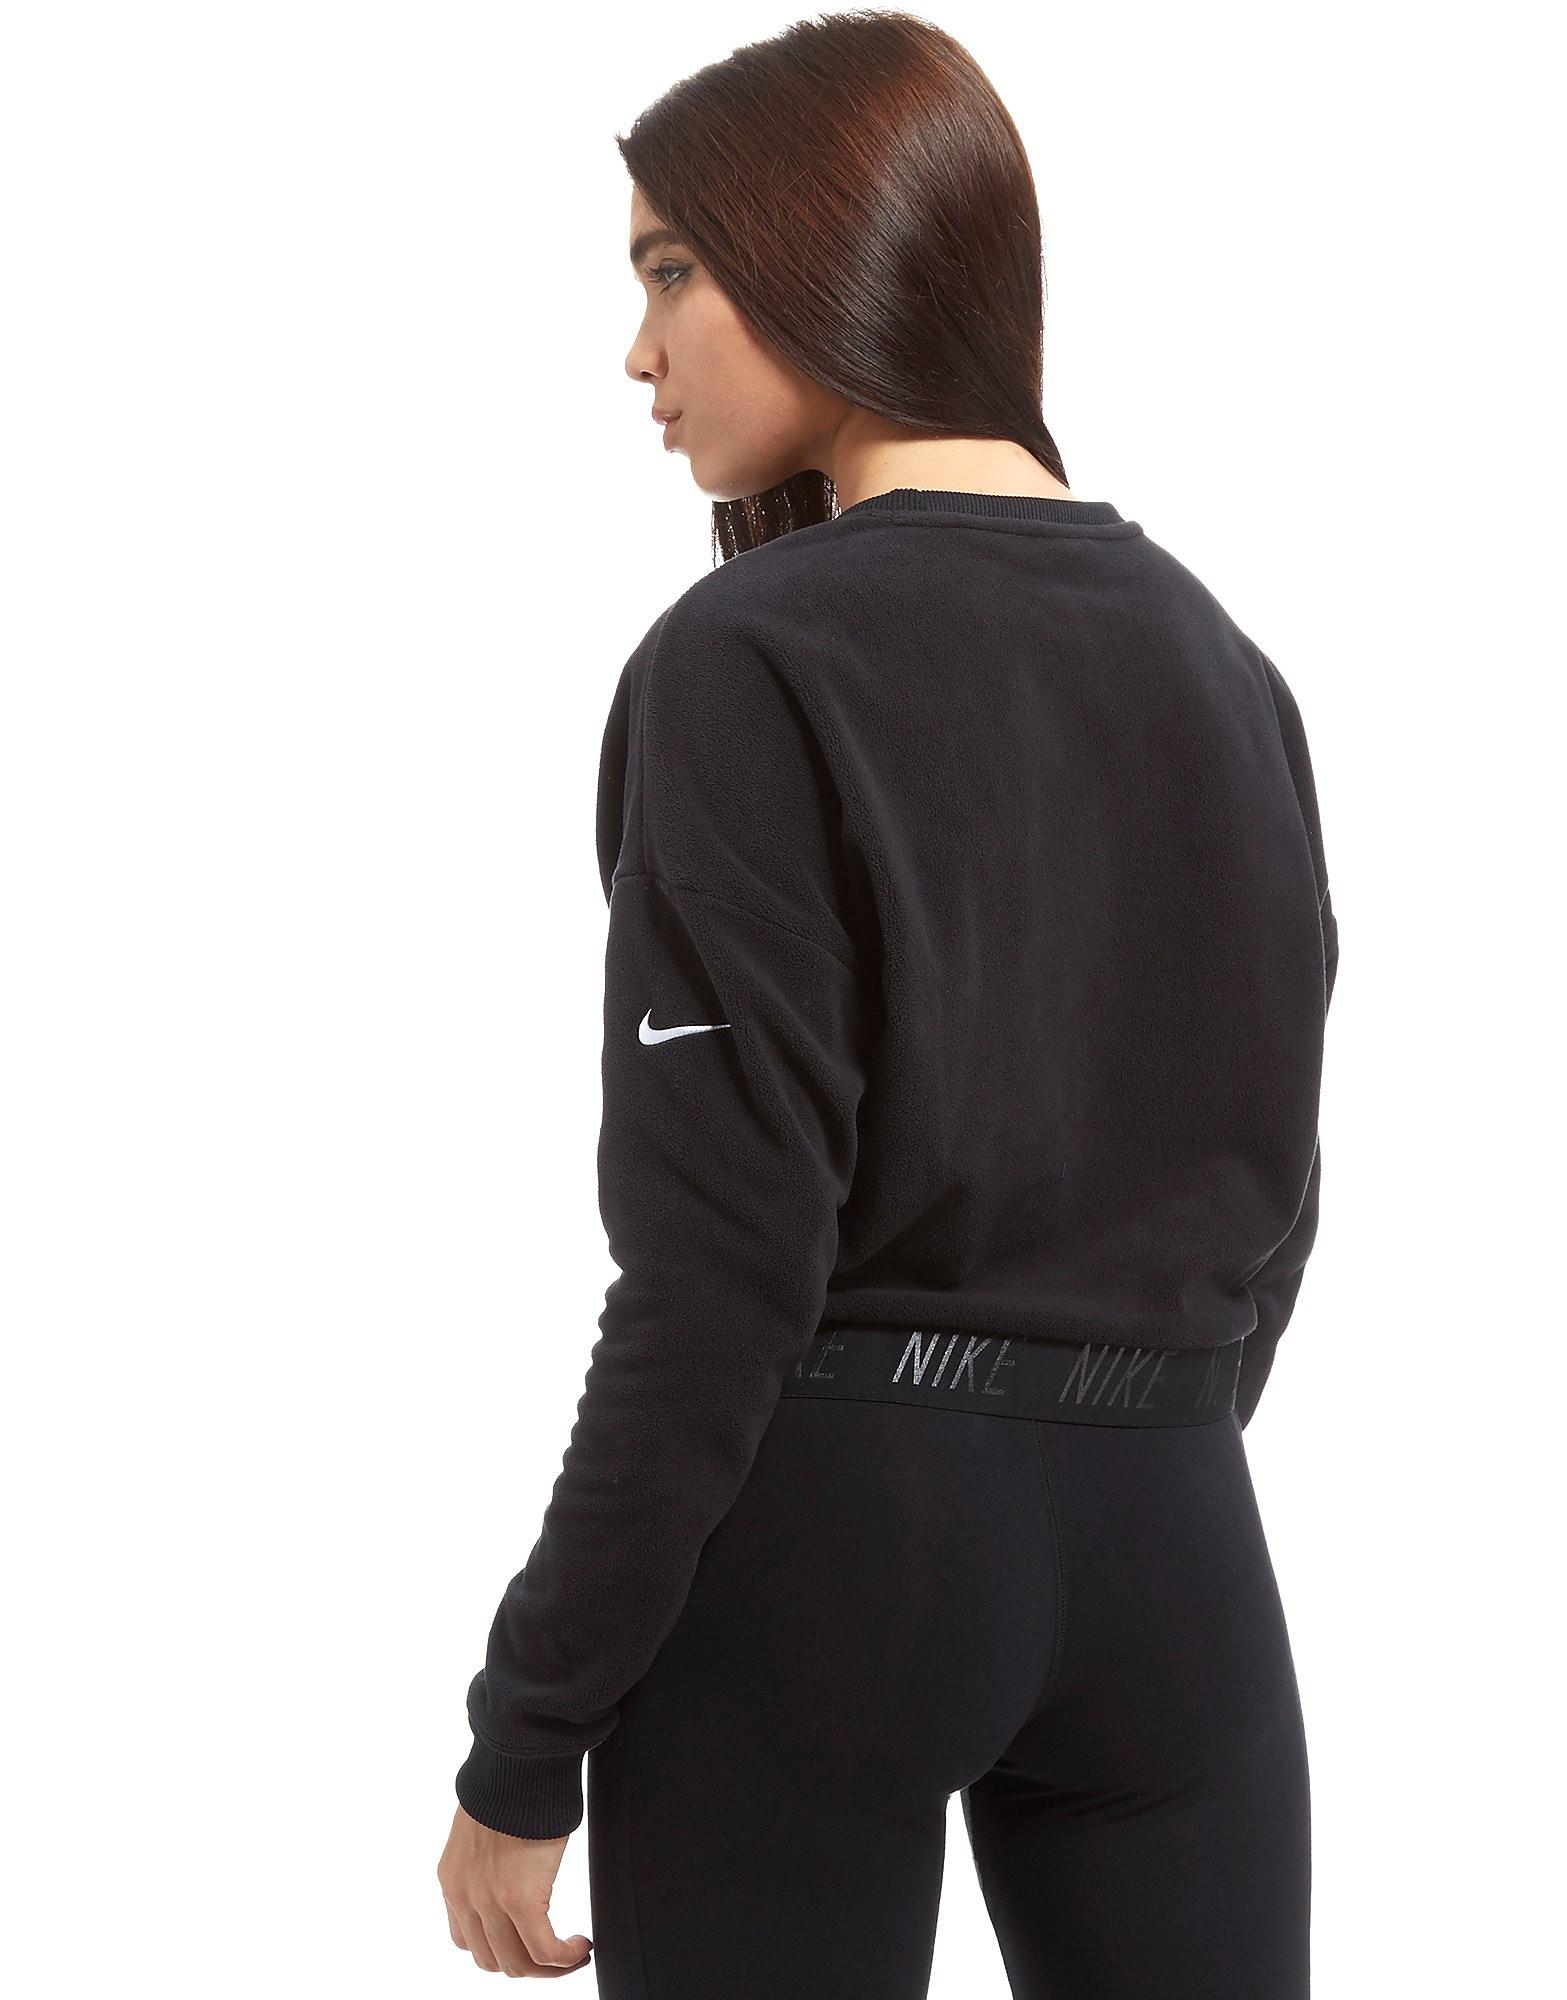 Nike Therma Polar Crew Sweatshirt